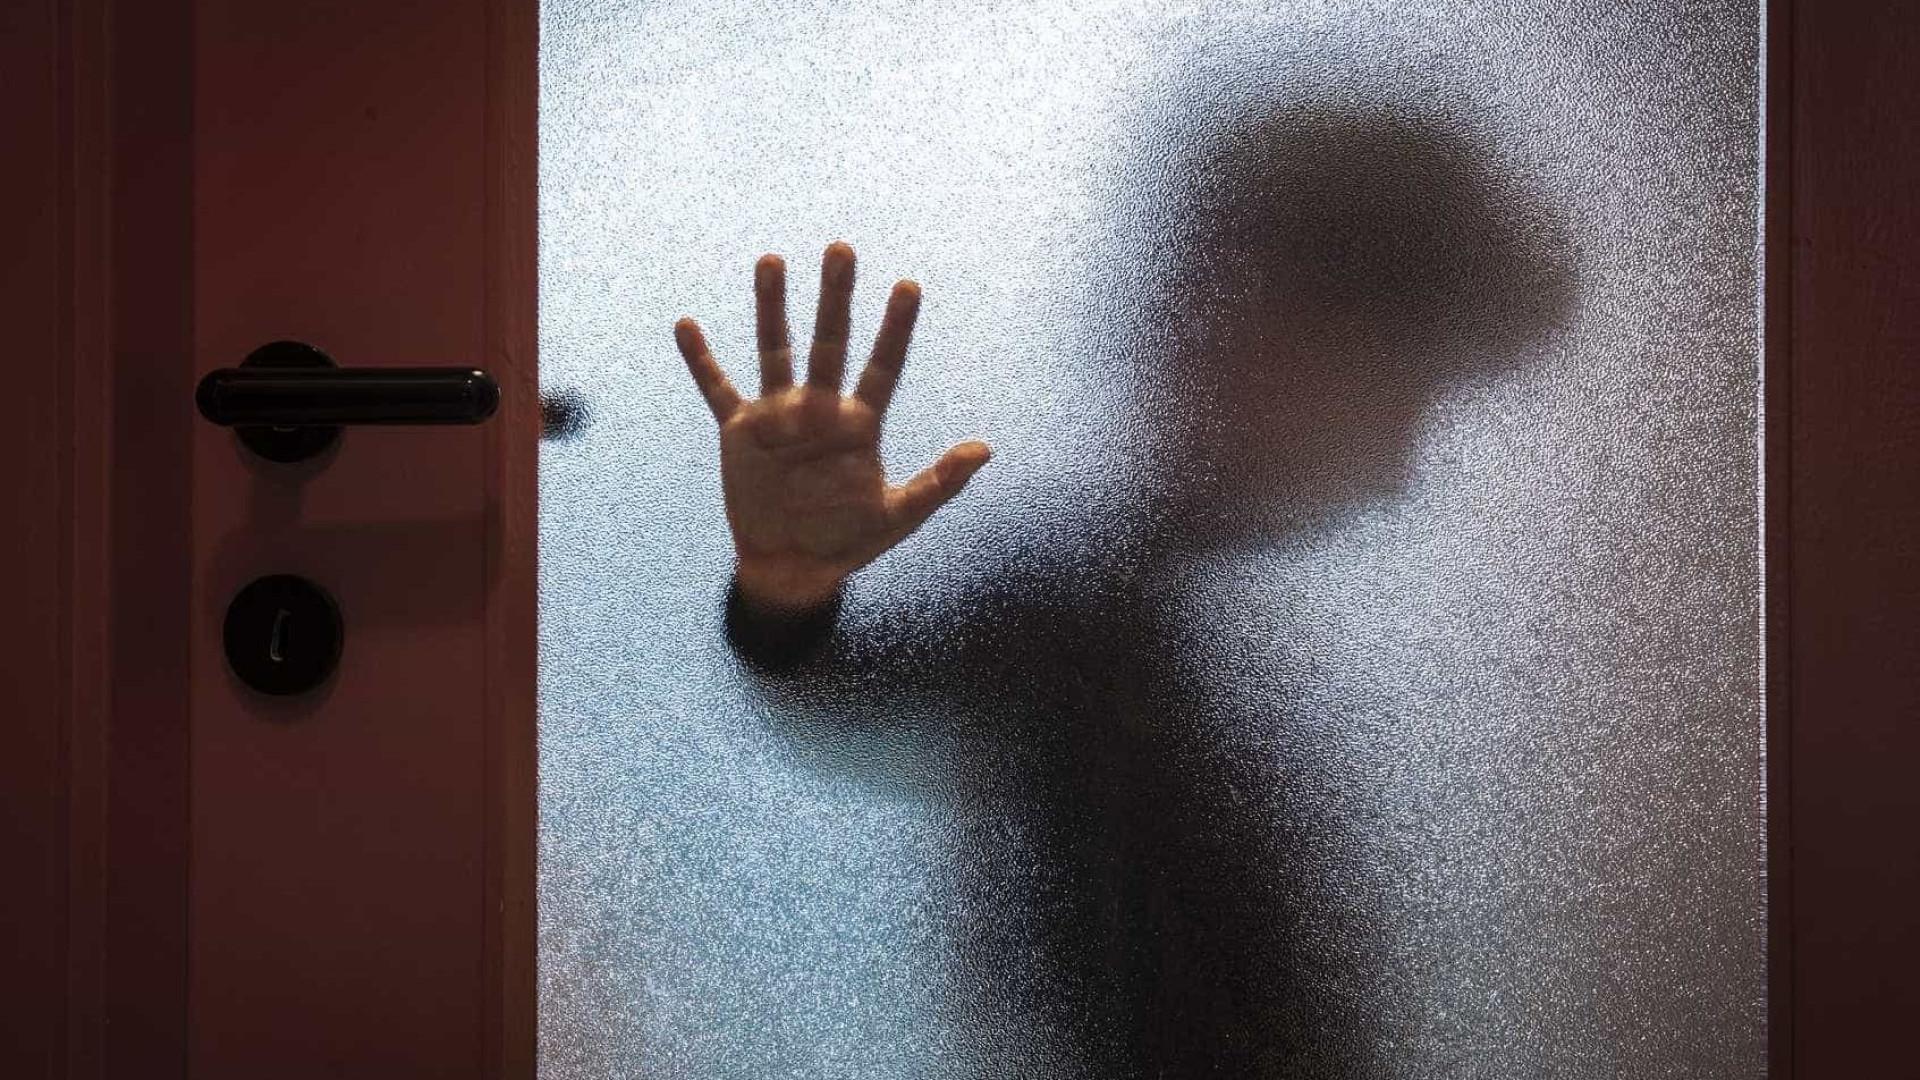 Filho de ama abusa de menina de cinco anos